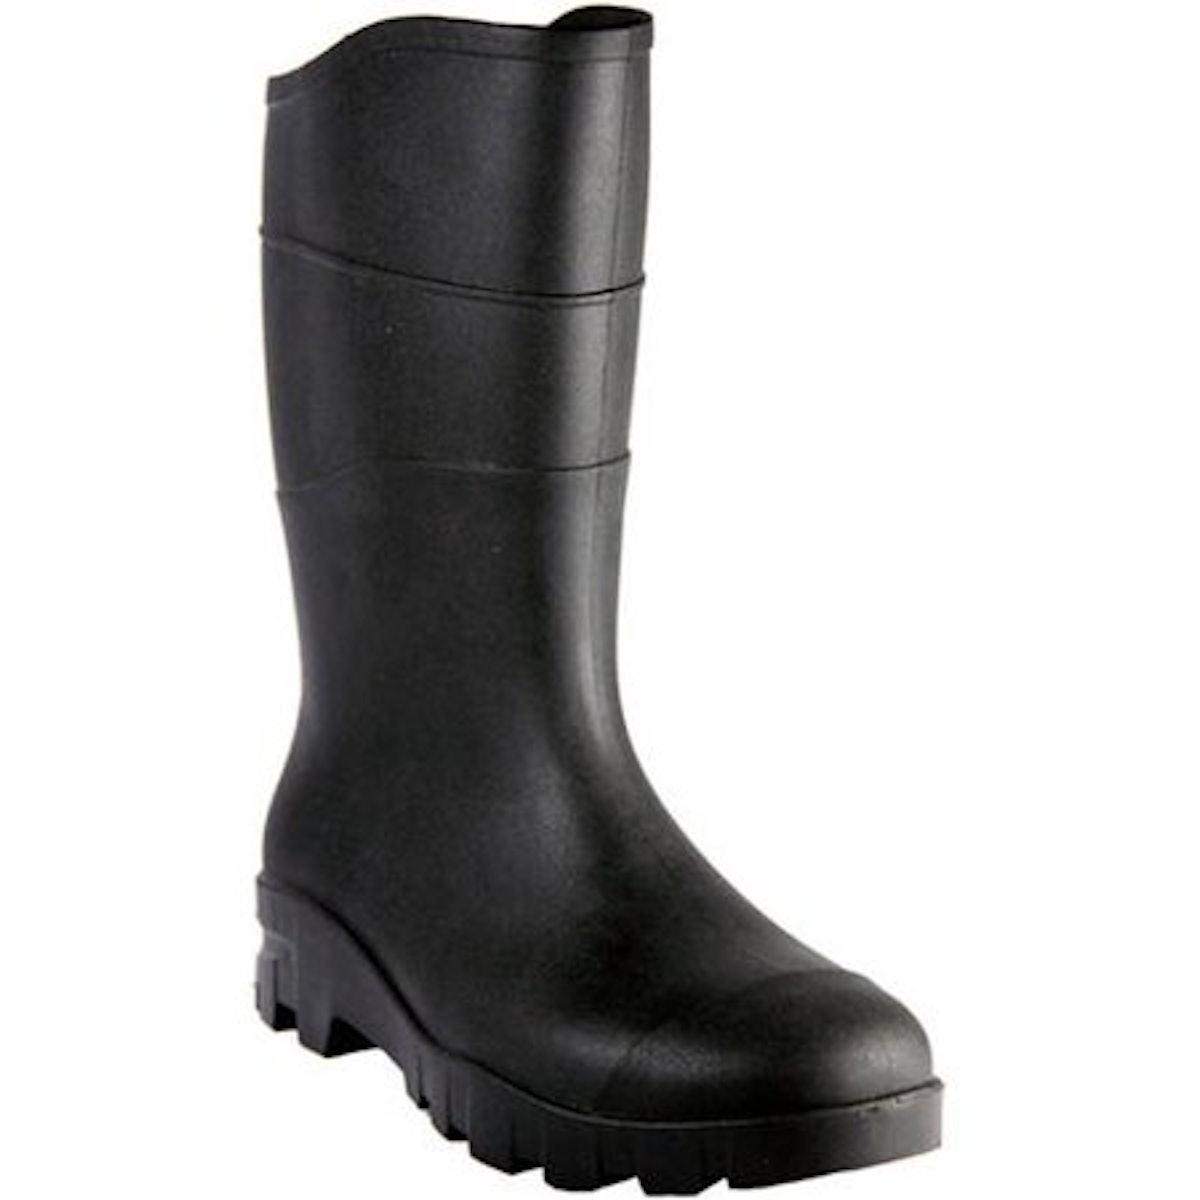 Unisex Rubber Rain Boots